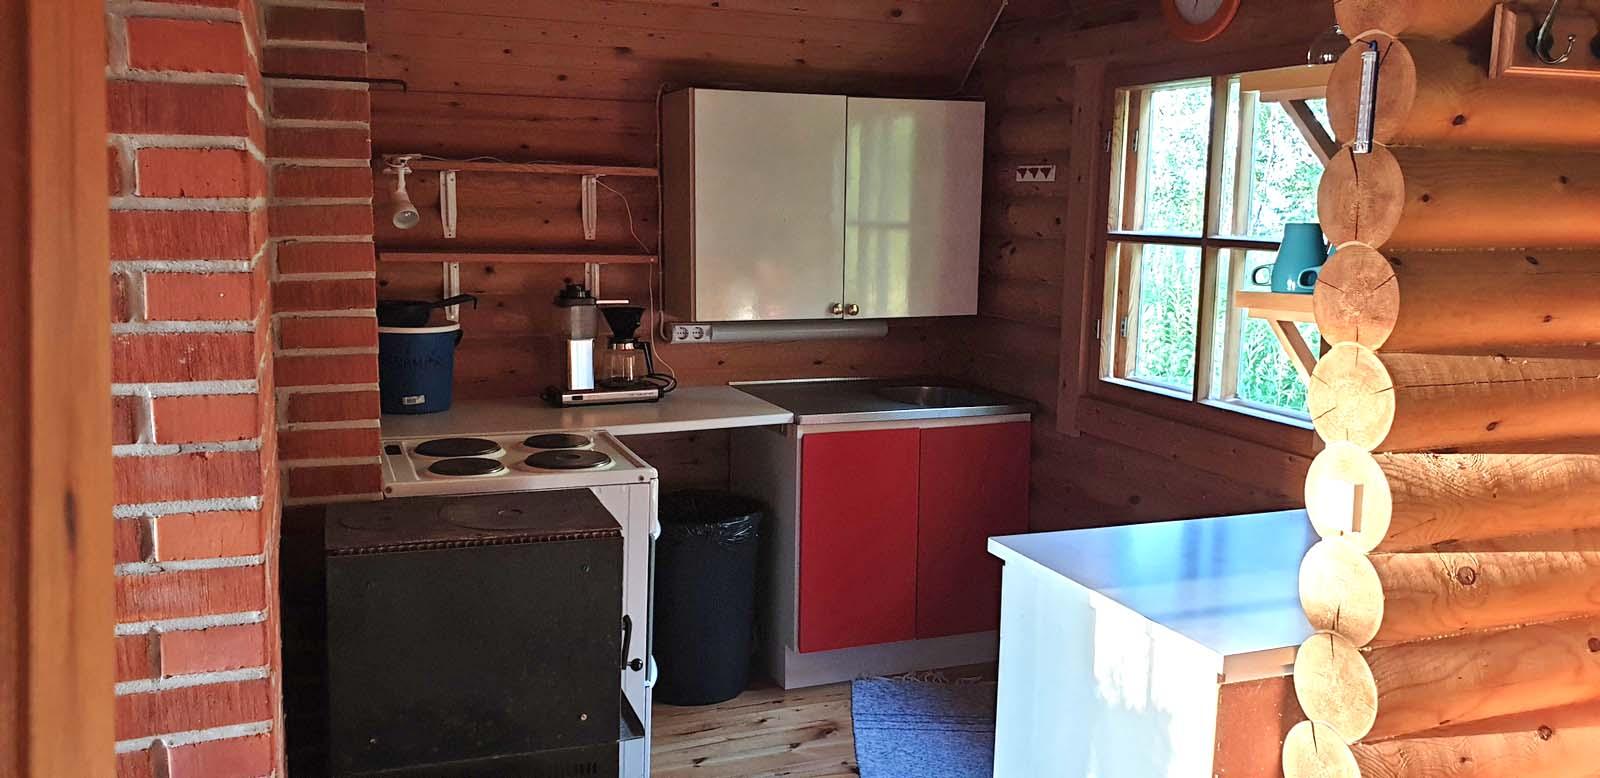 Honkamökin keittiö